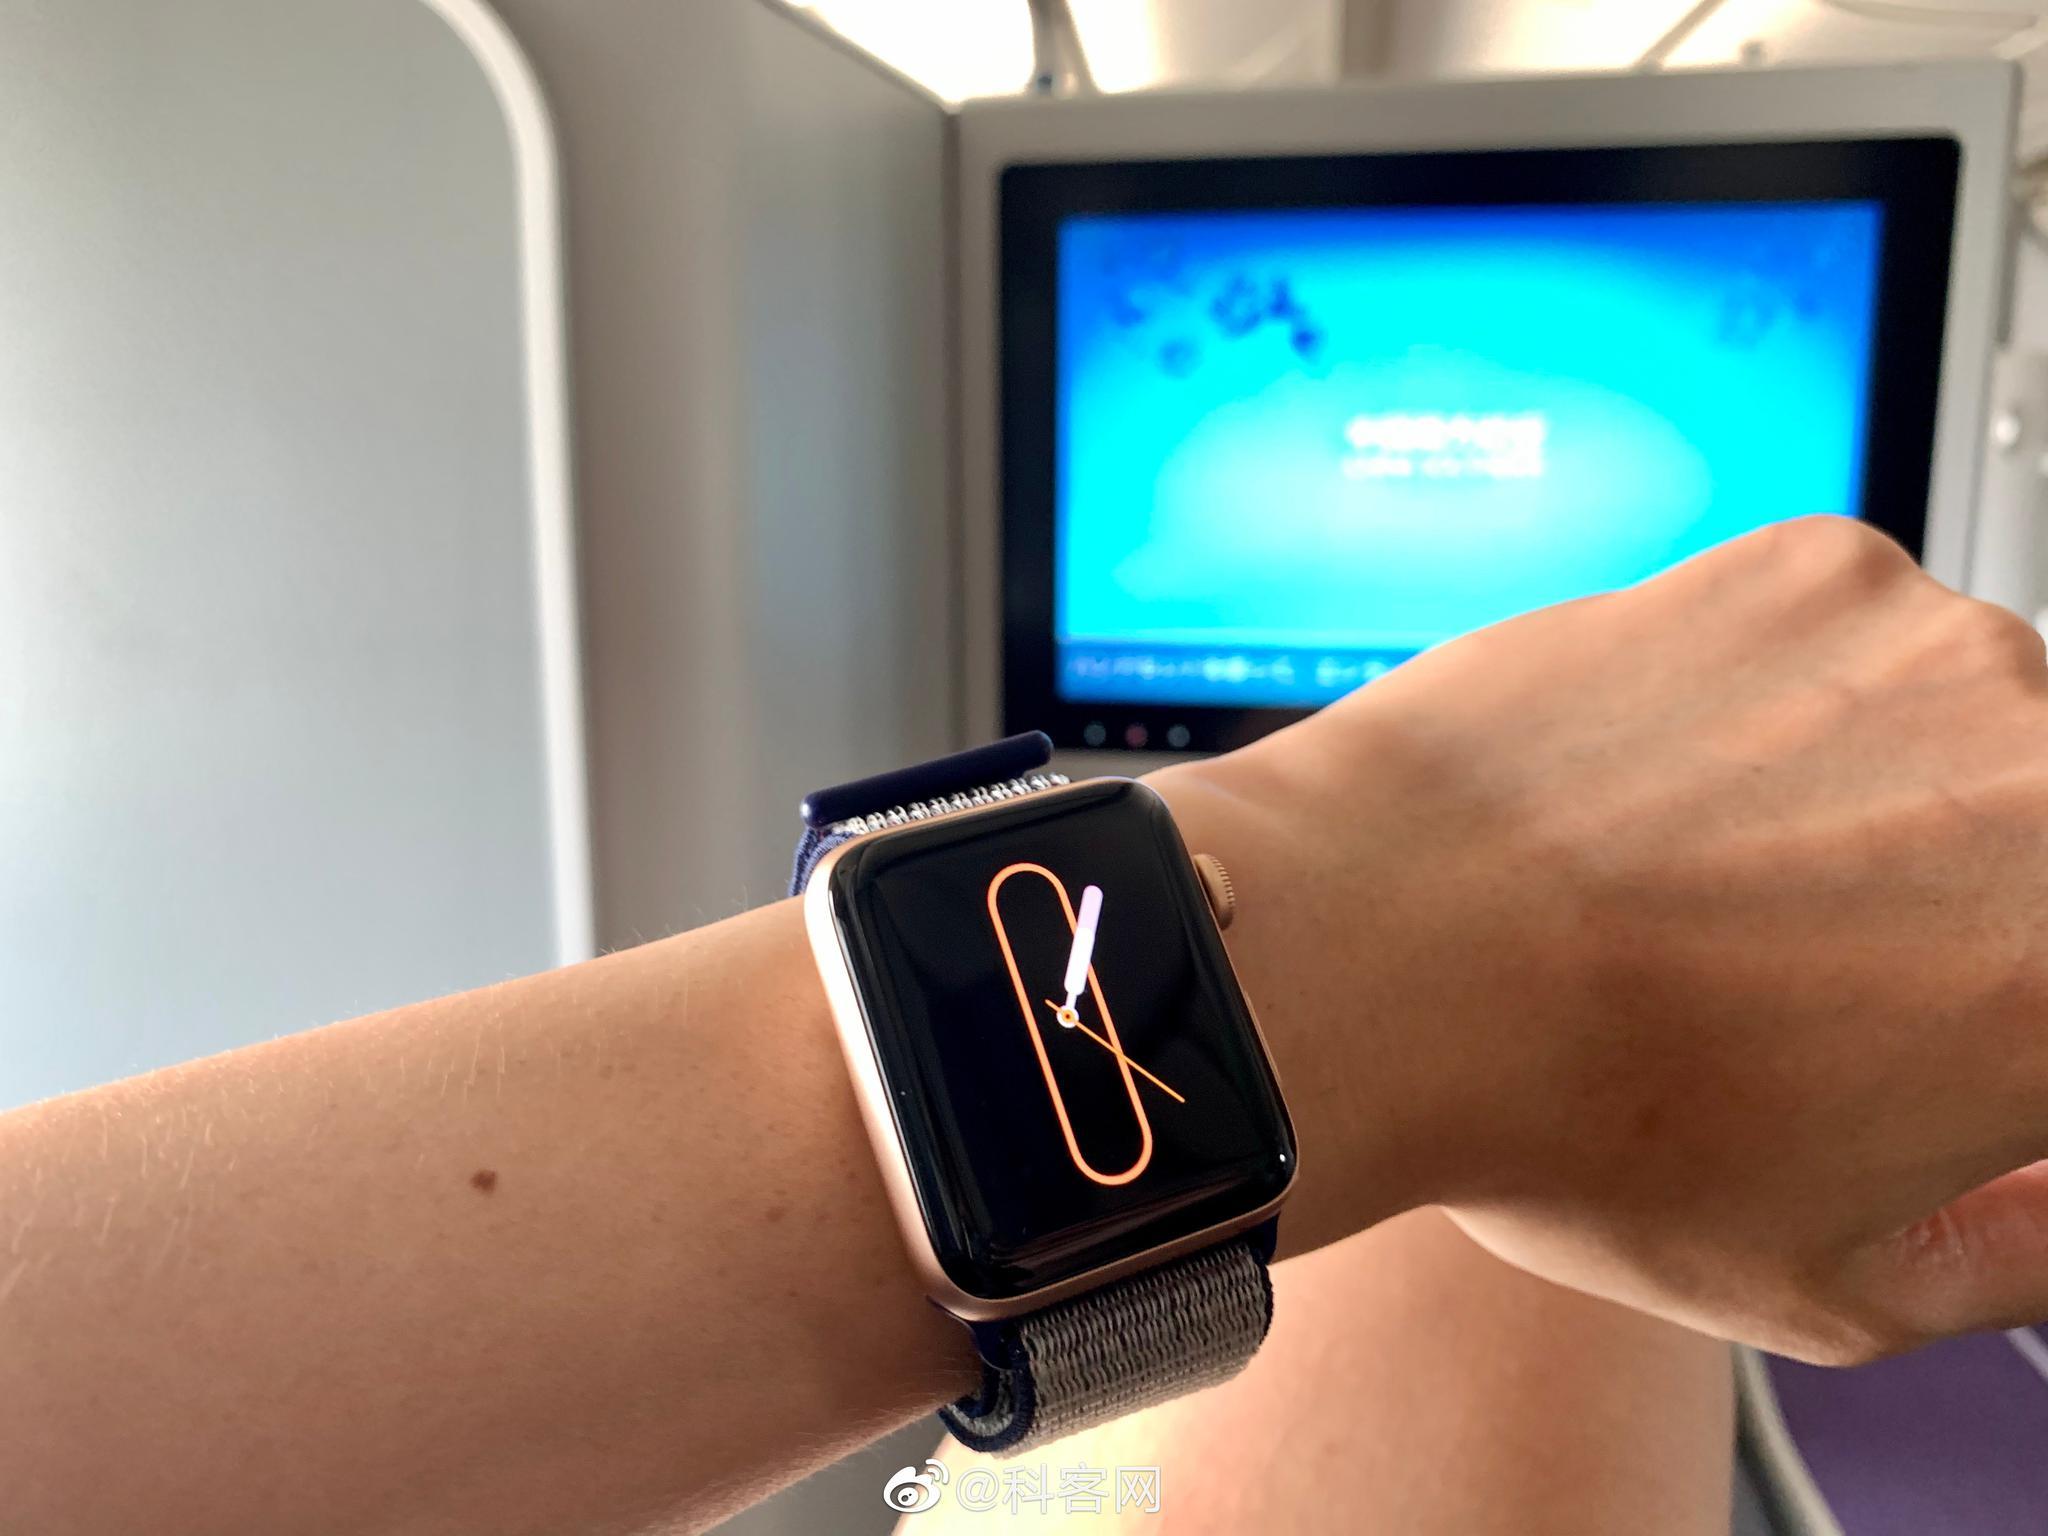 今年的Apple Watch 5,升级欲望好强……话说用过苹果手表的人